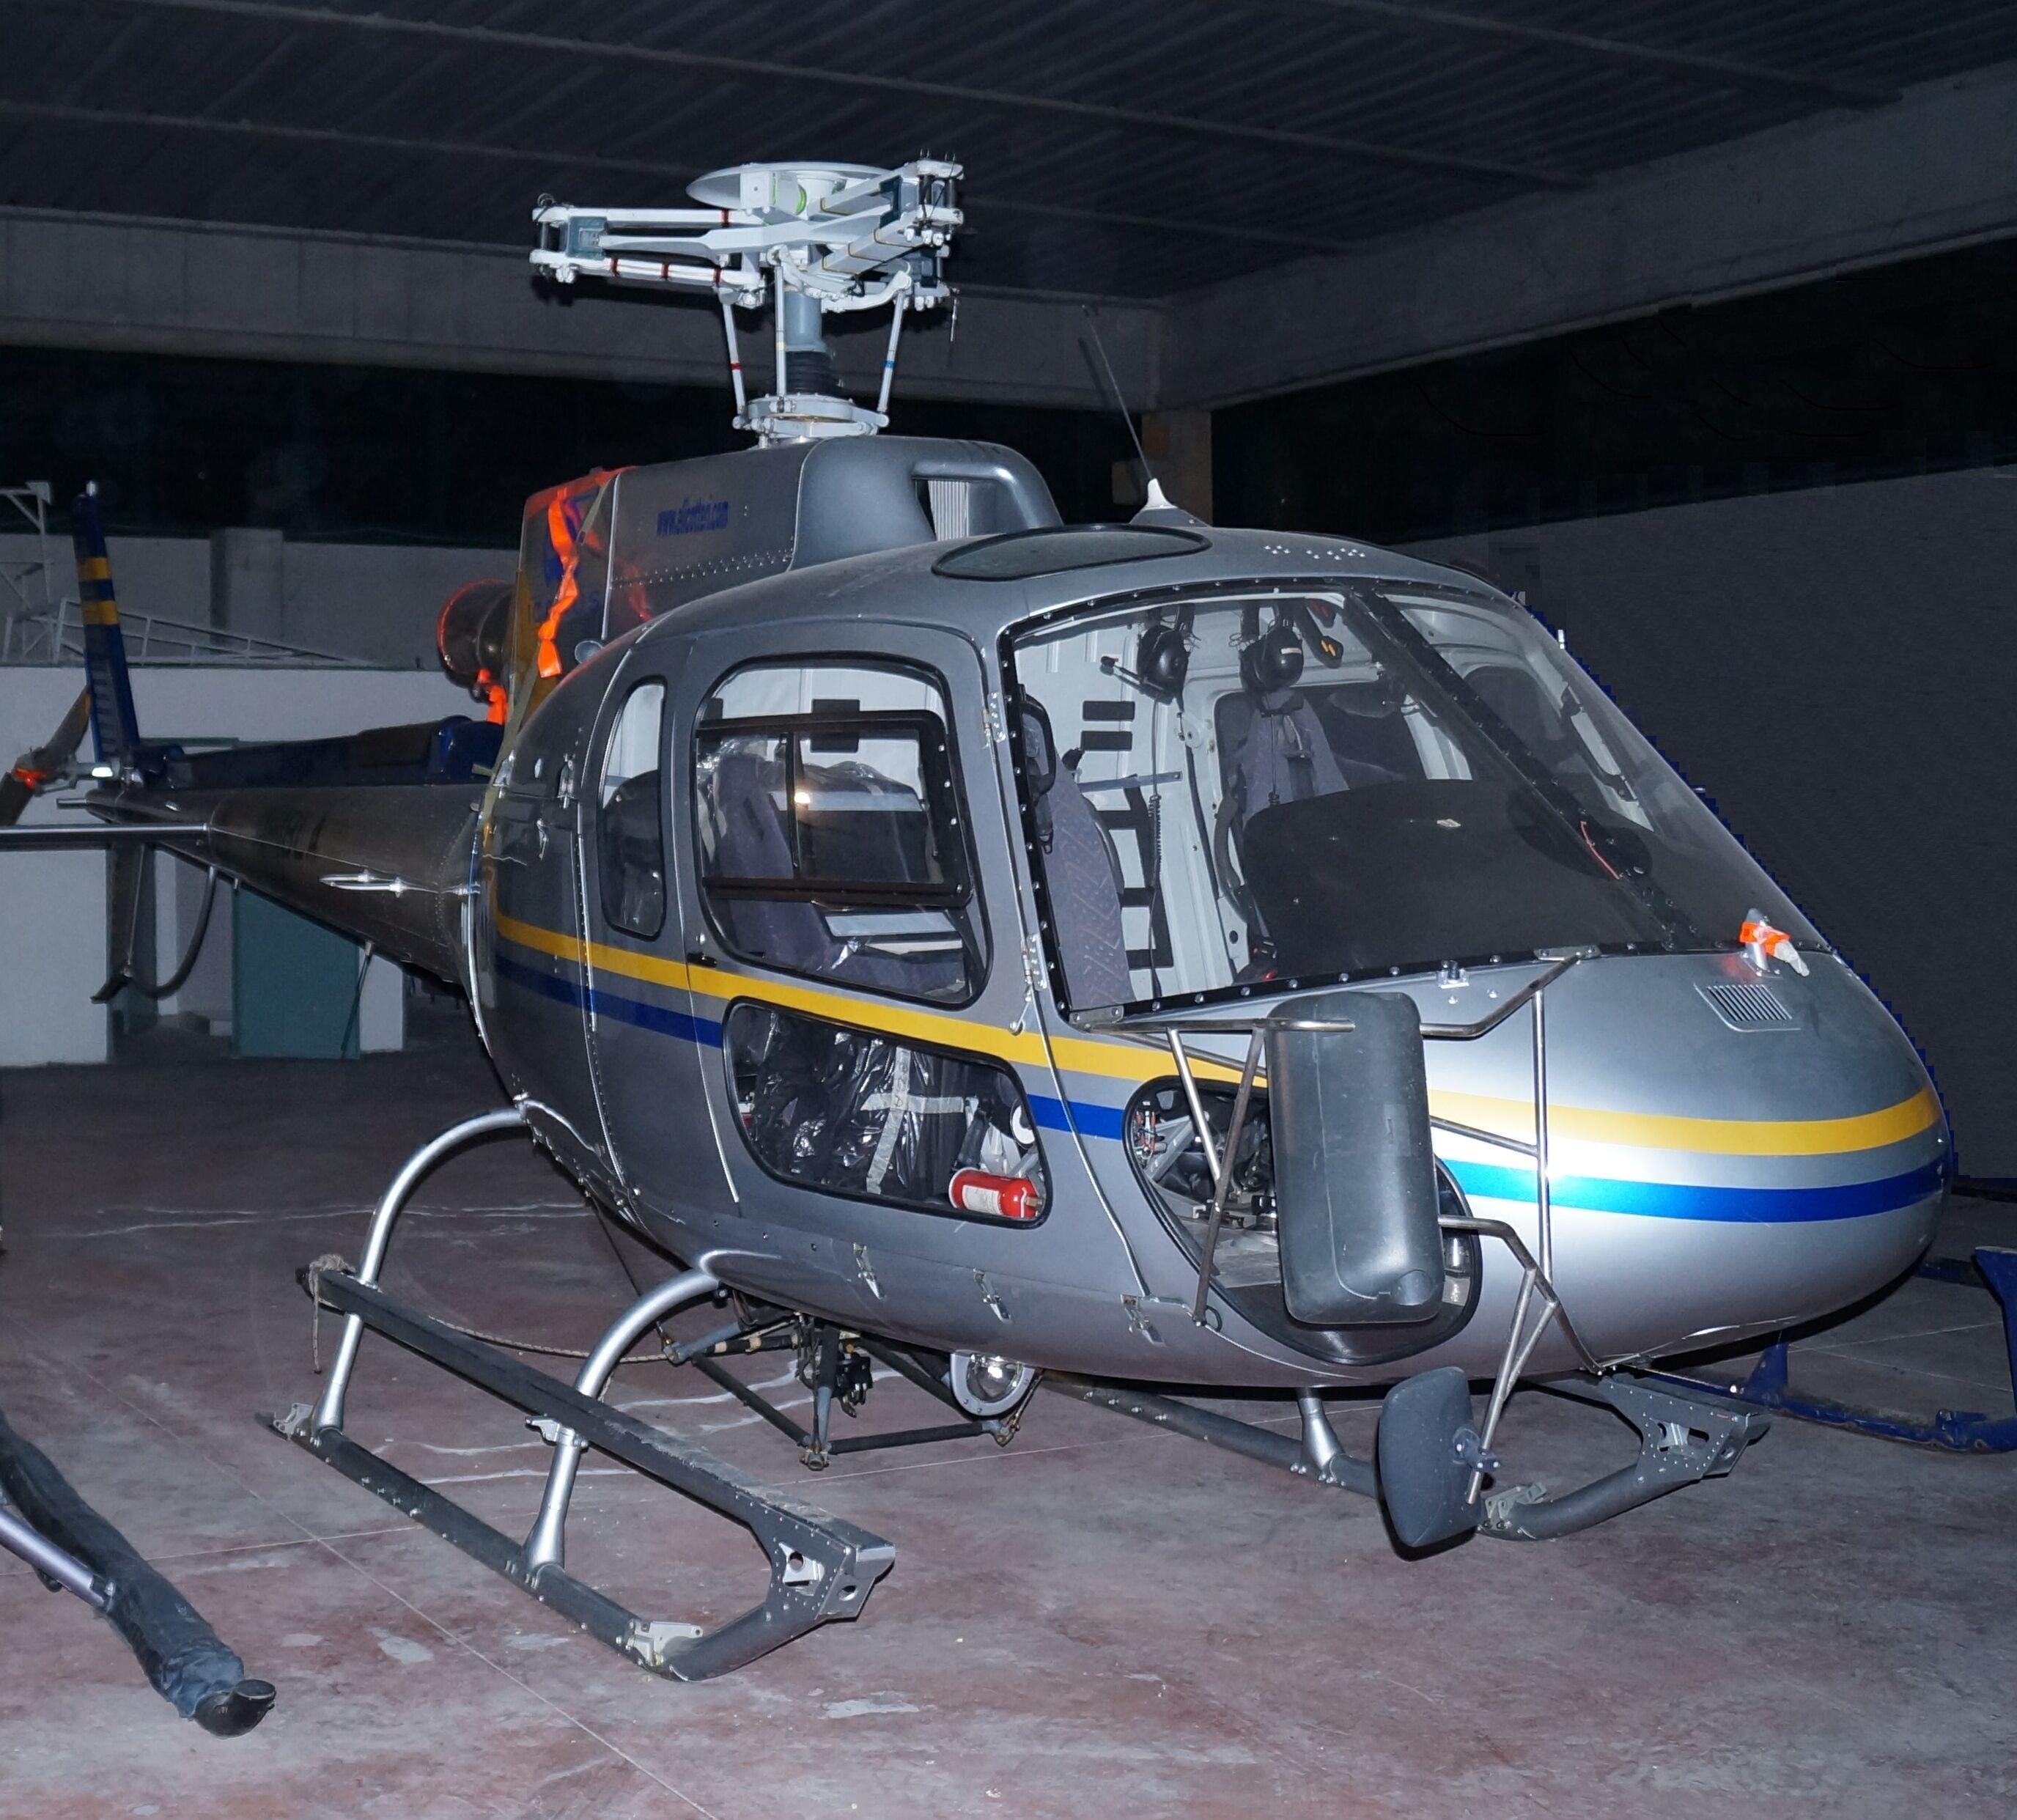 carabinieri sequestrano un elicottero in un capannone